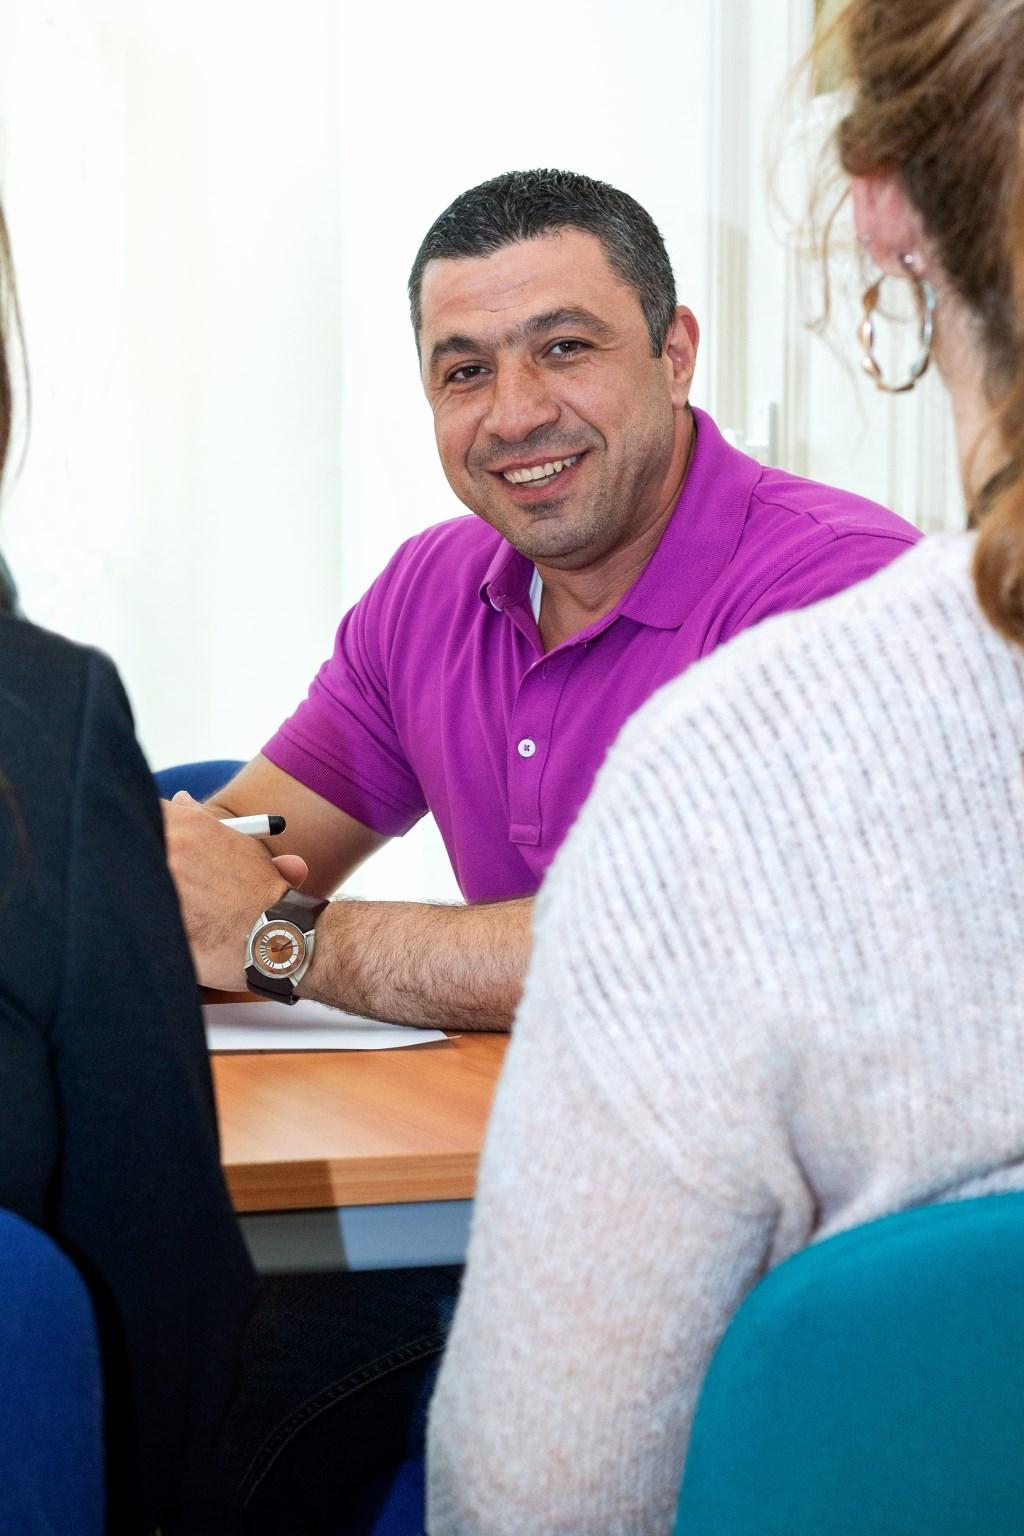 Anas Zaeter is vrijwillig Tolk voor nieuwkomers uit Syrië en één van de gezichten van de campagne. Foto: Jolanda van Iersel © MooiBoxtel